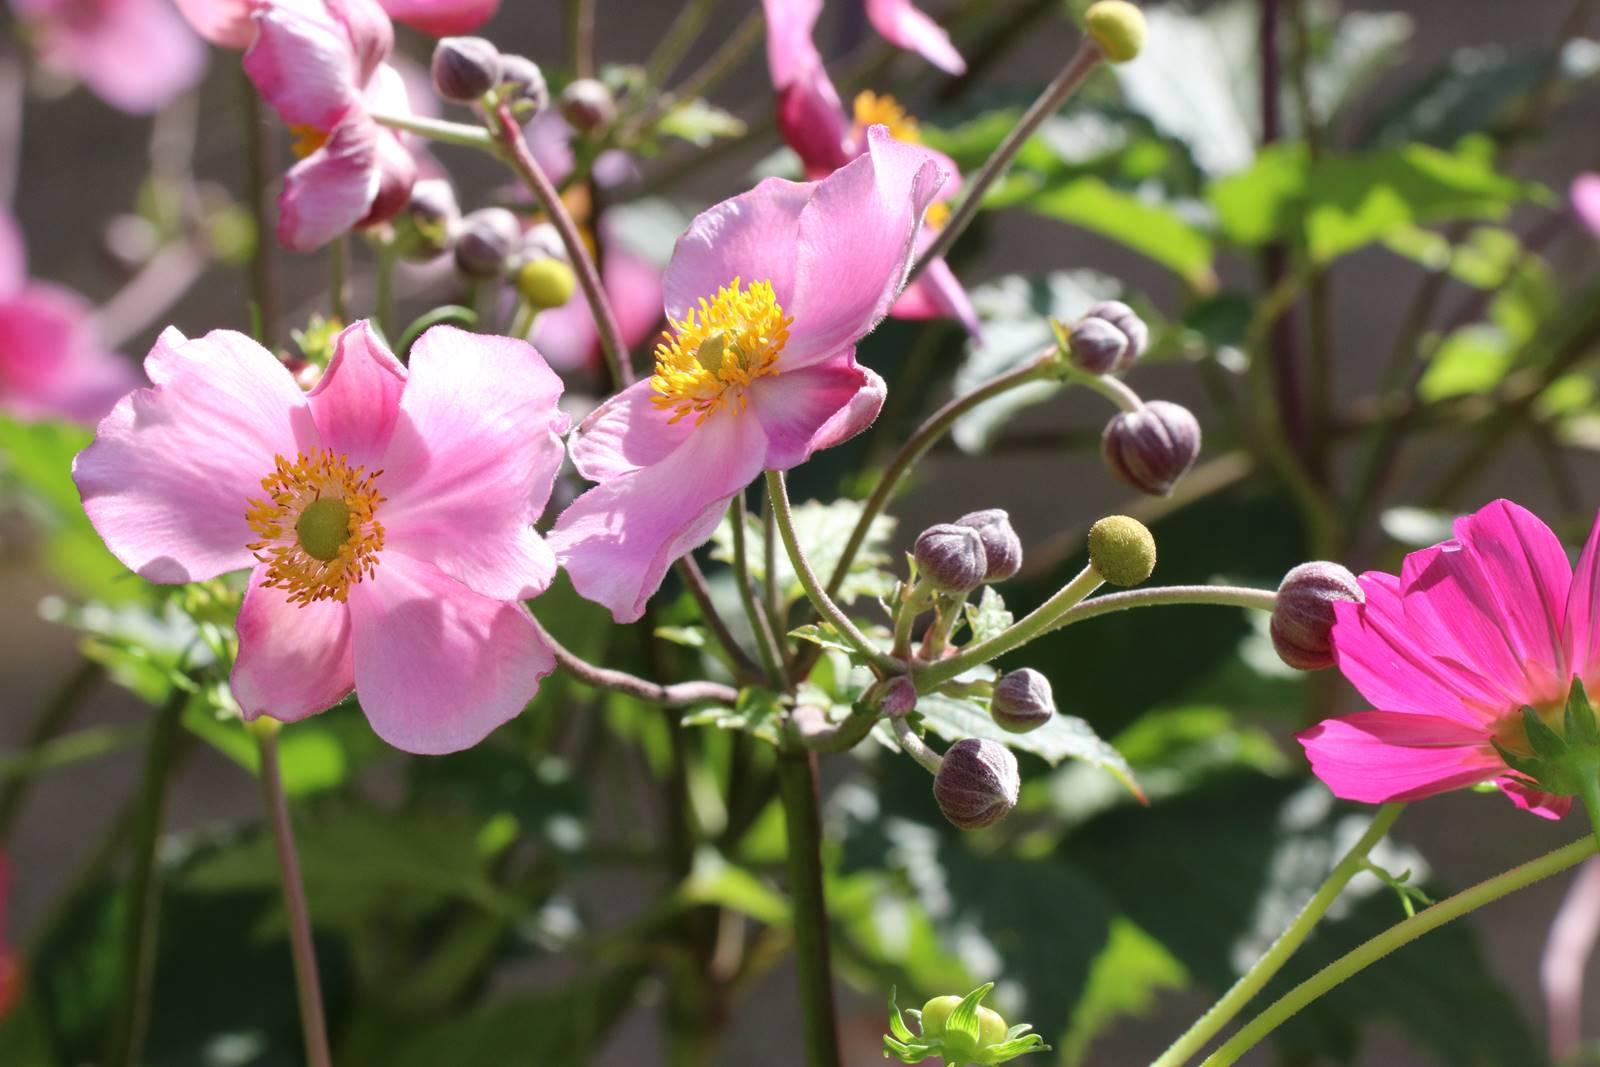 Geranium anémone du Japon